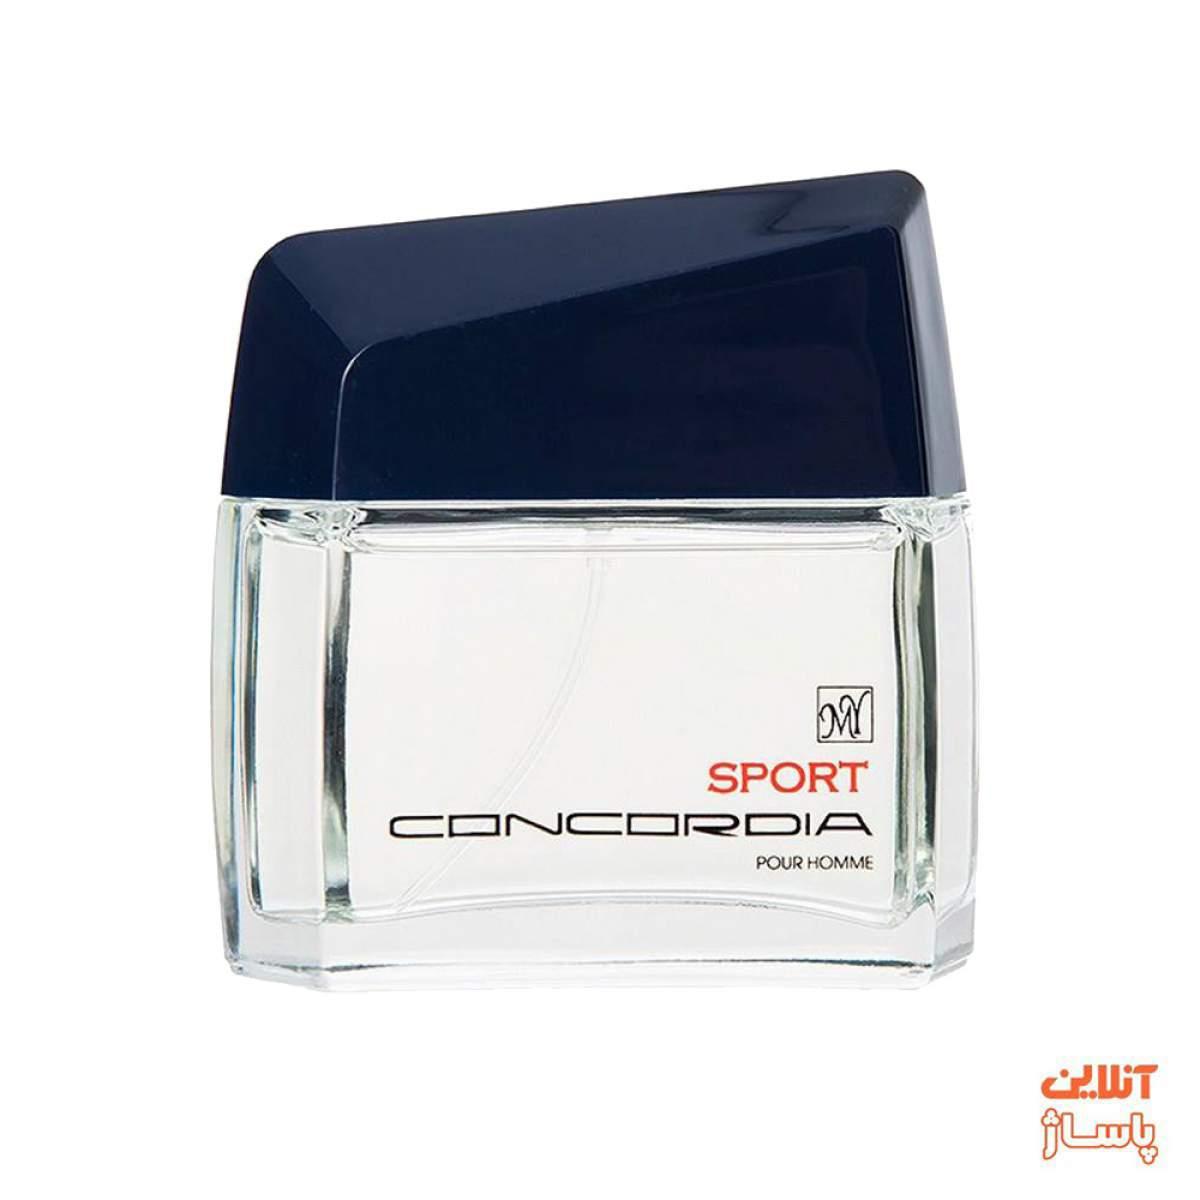 ادو تویلت مردانه مای Concordia Sport حجم 75 میلی لیتر